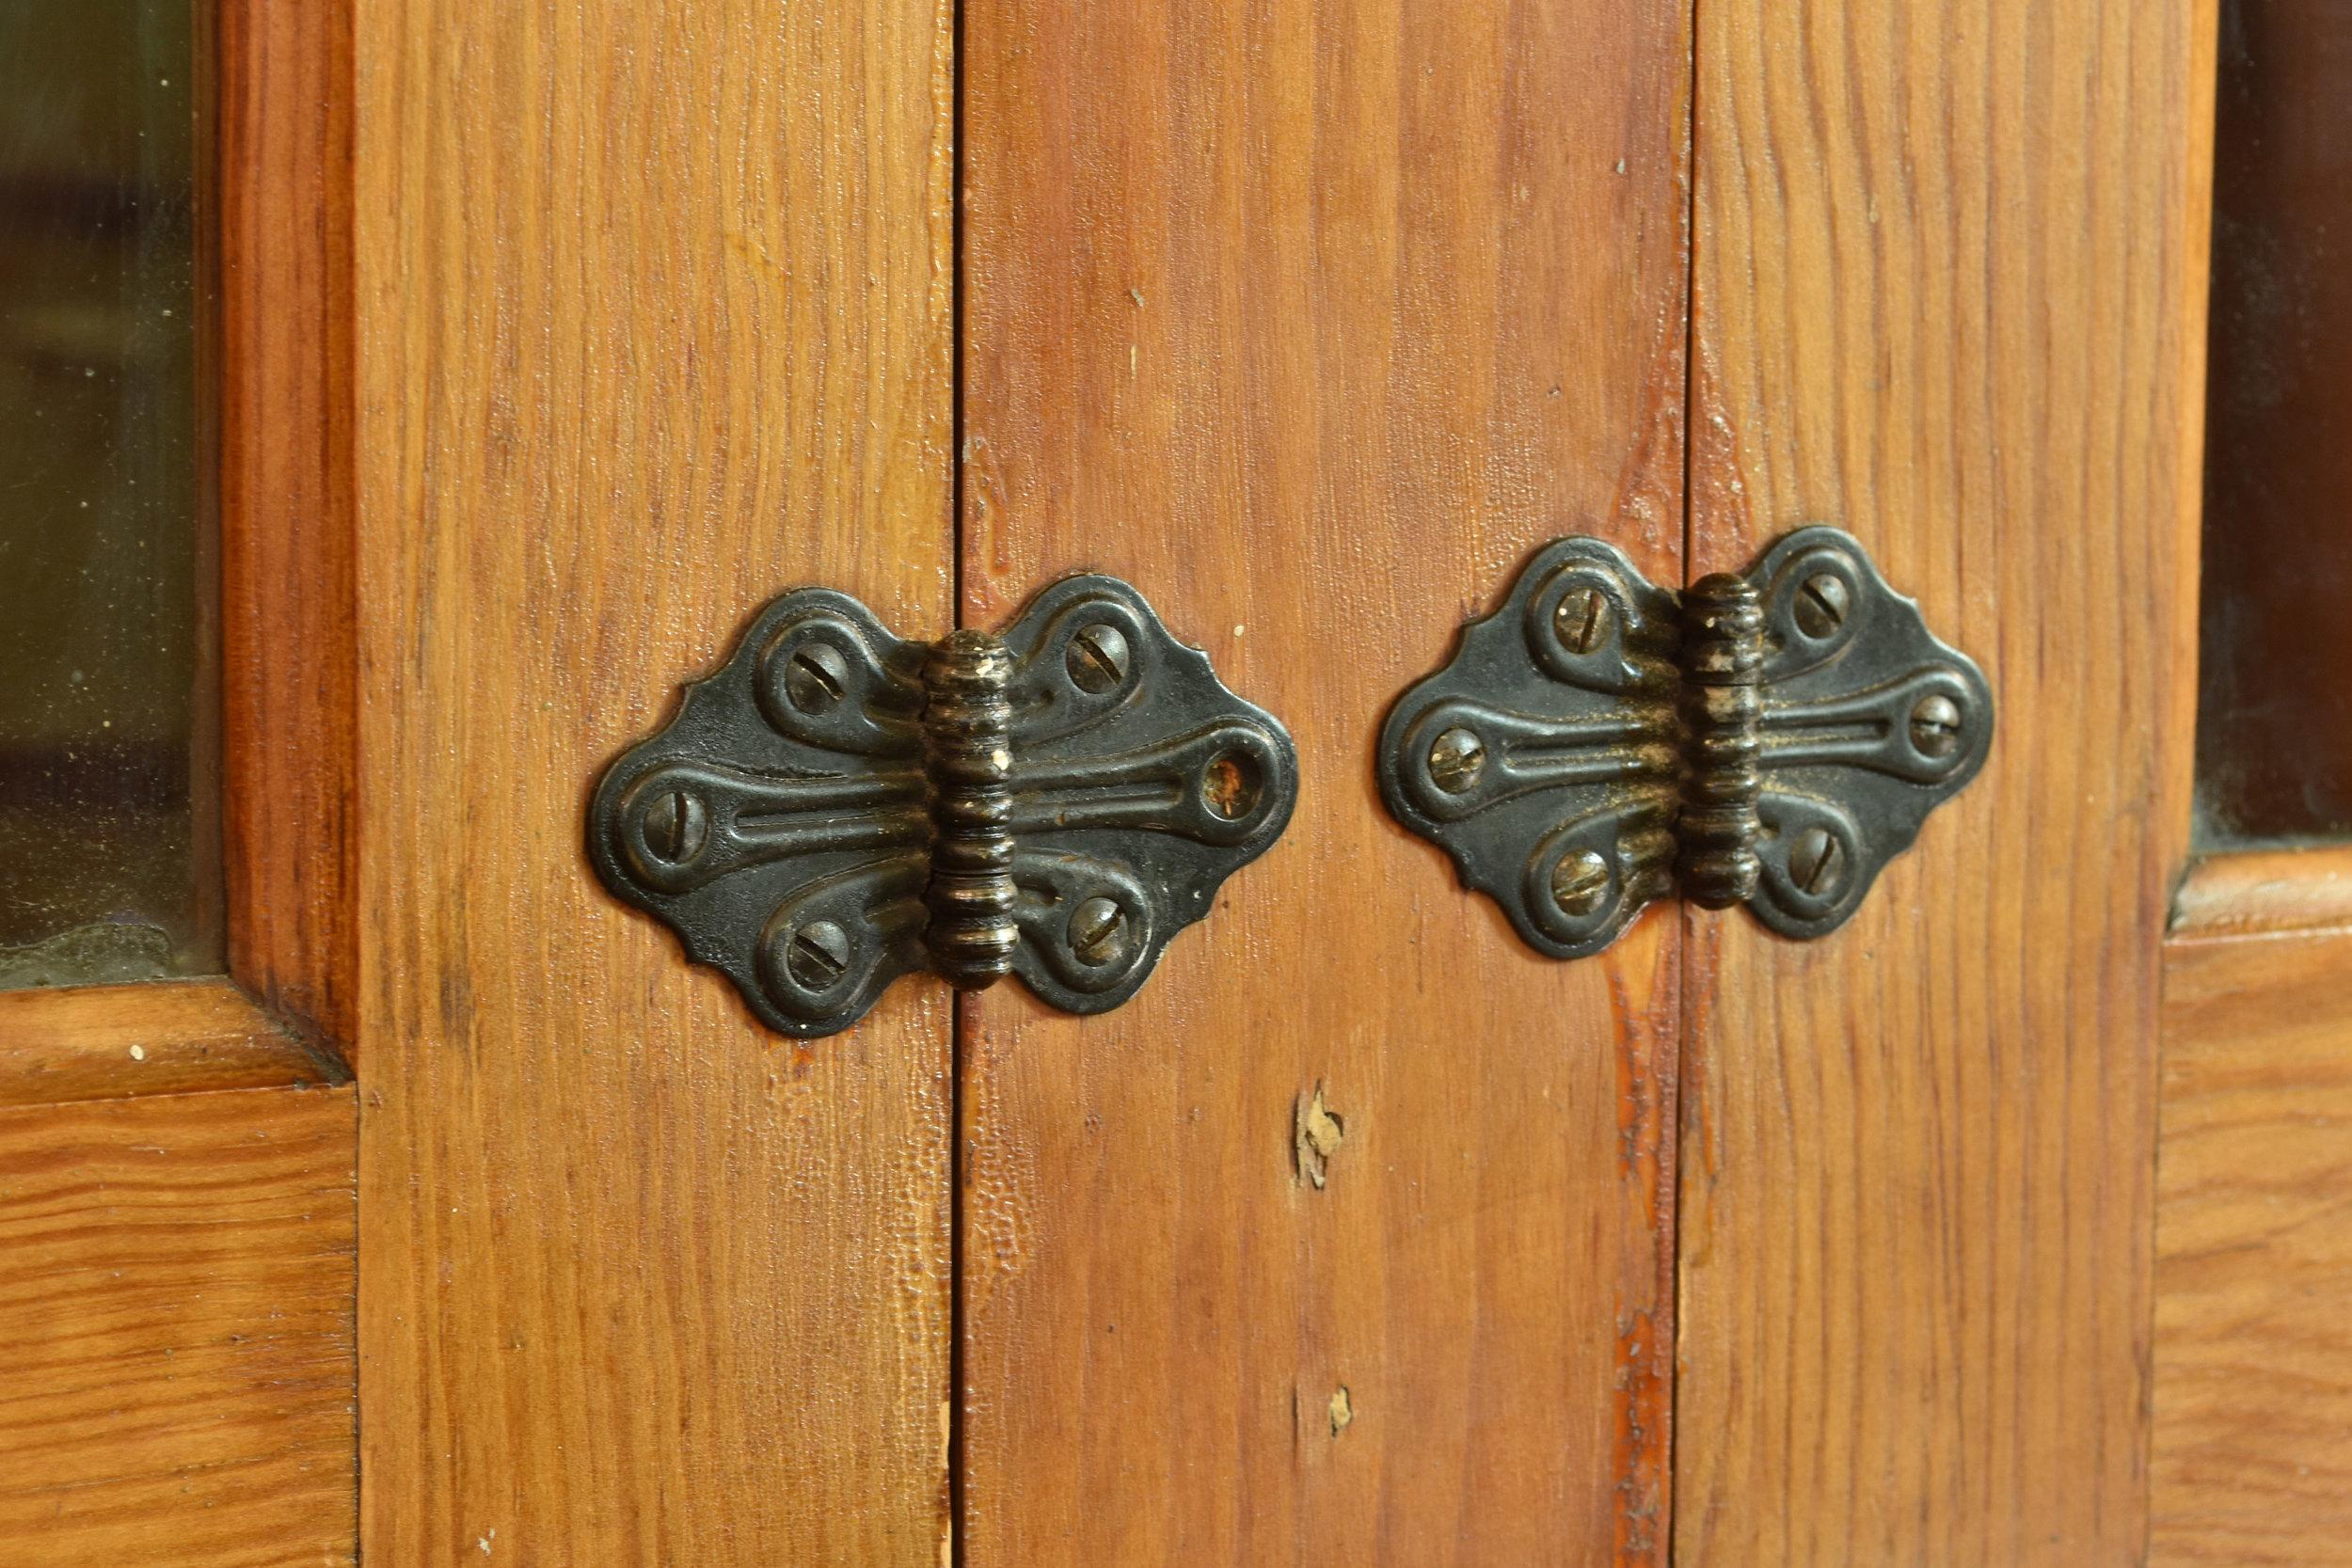 48385 fir built-in A B cabinet hinges.jpg